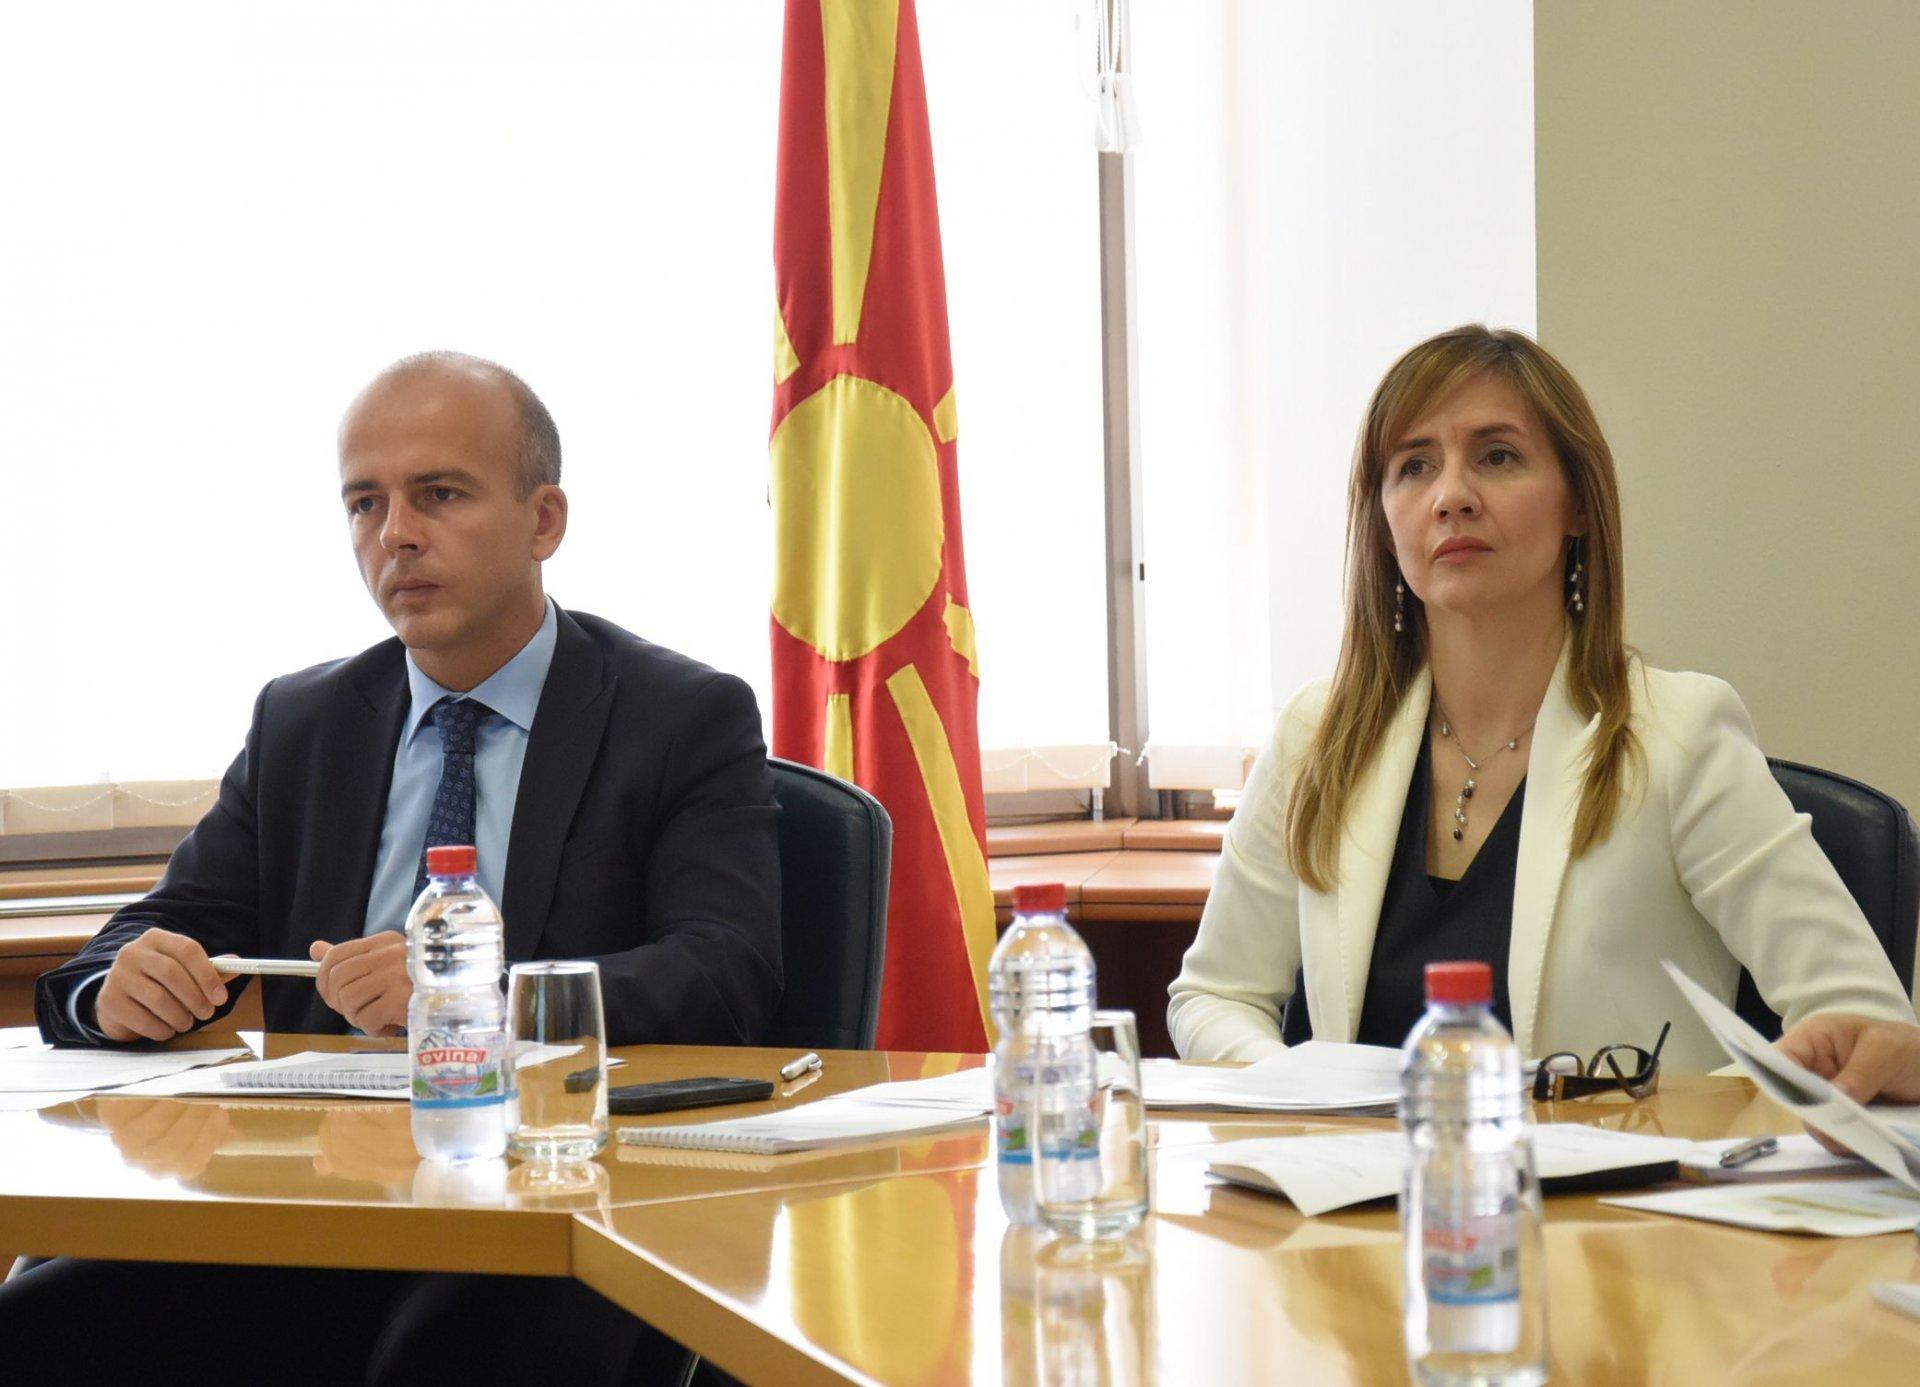 Тевдовски: Рекорден поврат на ДДВ во август од 44 милиони евра